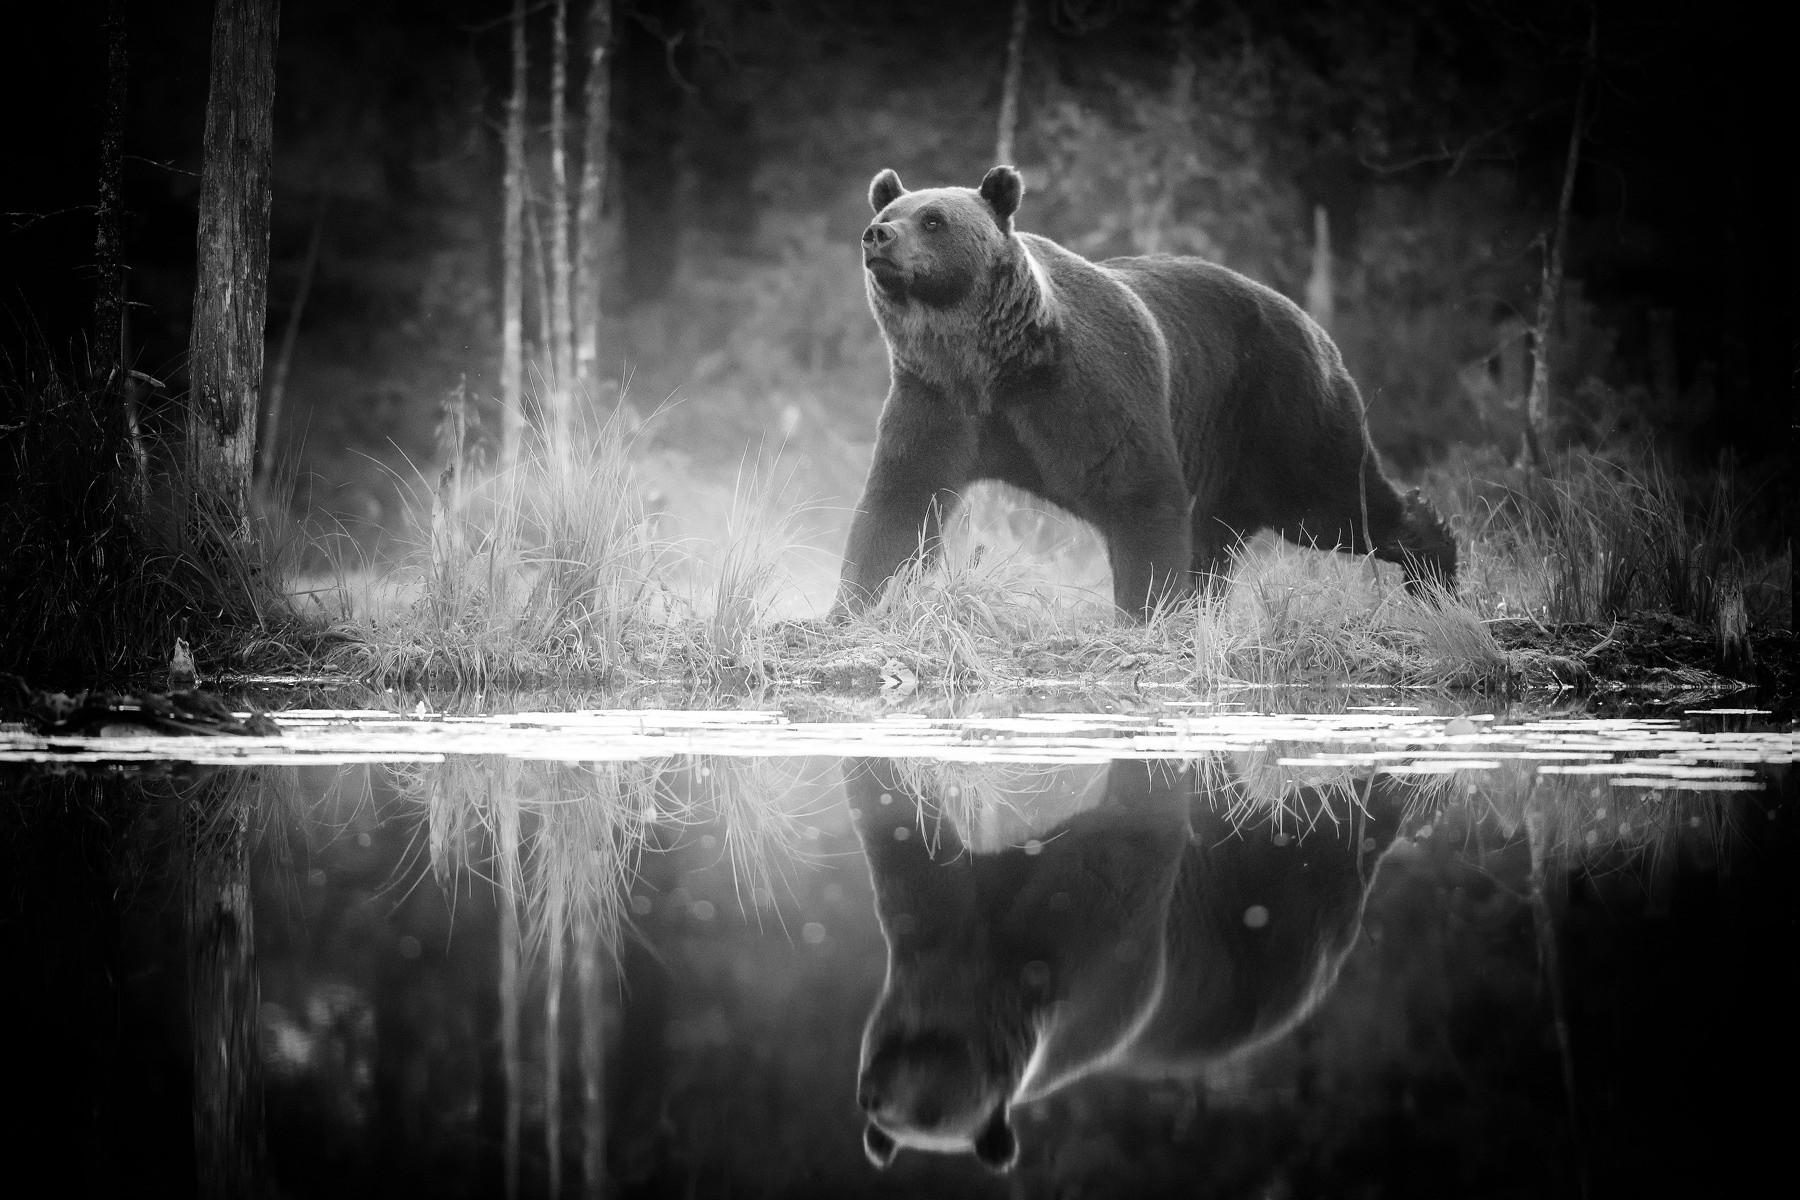 680 Gambar Hewan Beruang Hitam Putih HD Terbaik